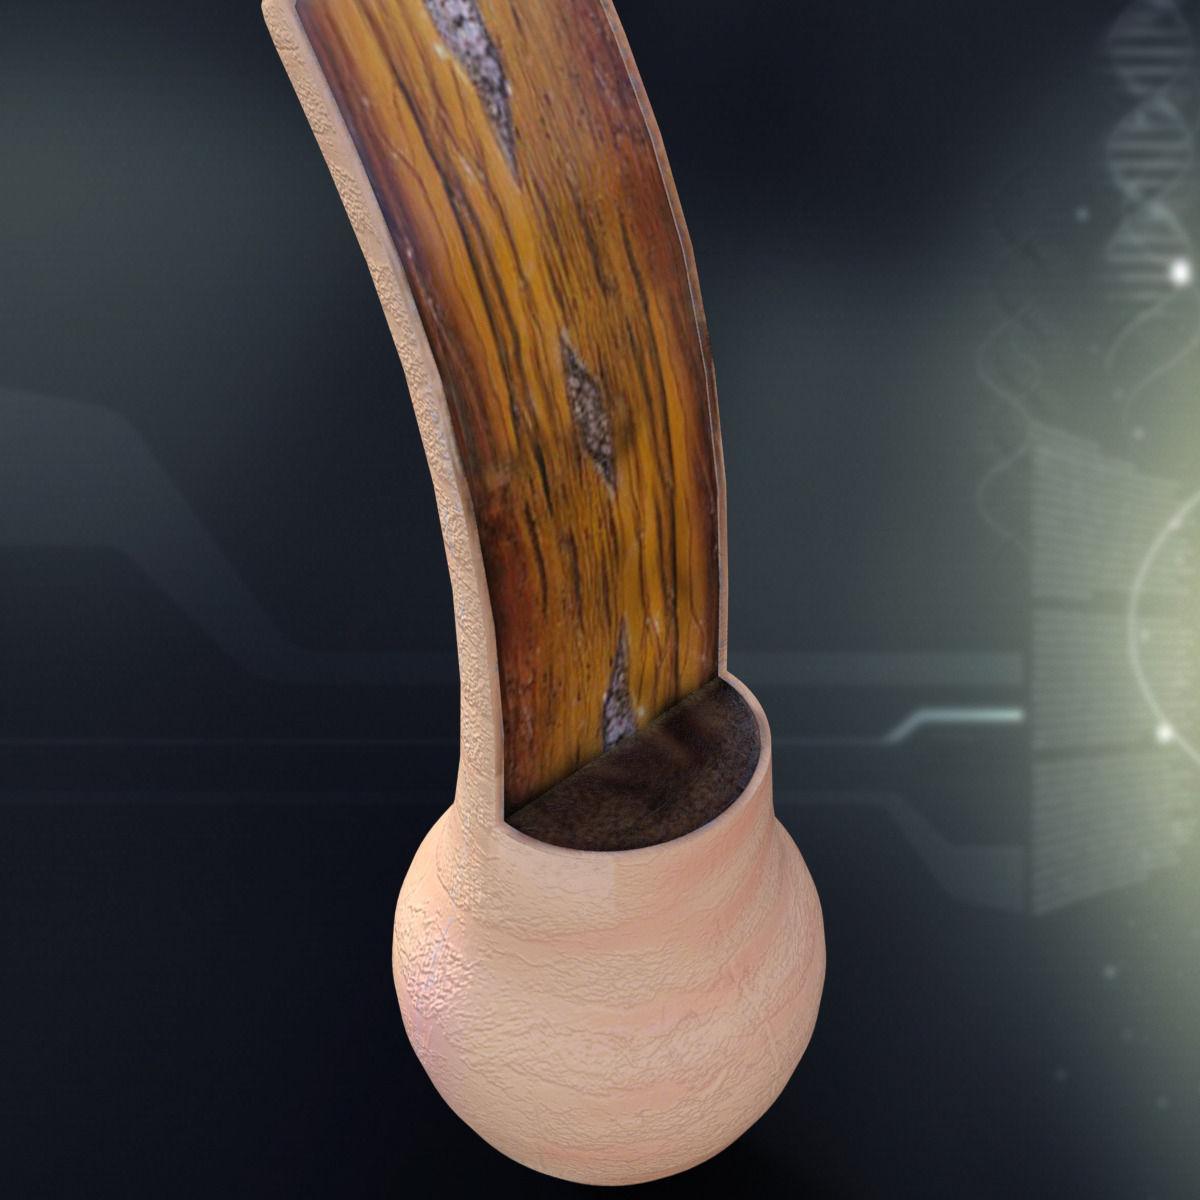 3D Human Hair Anatomy | CGTrader